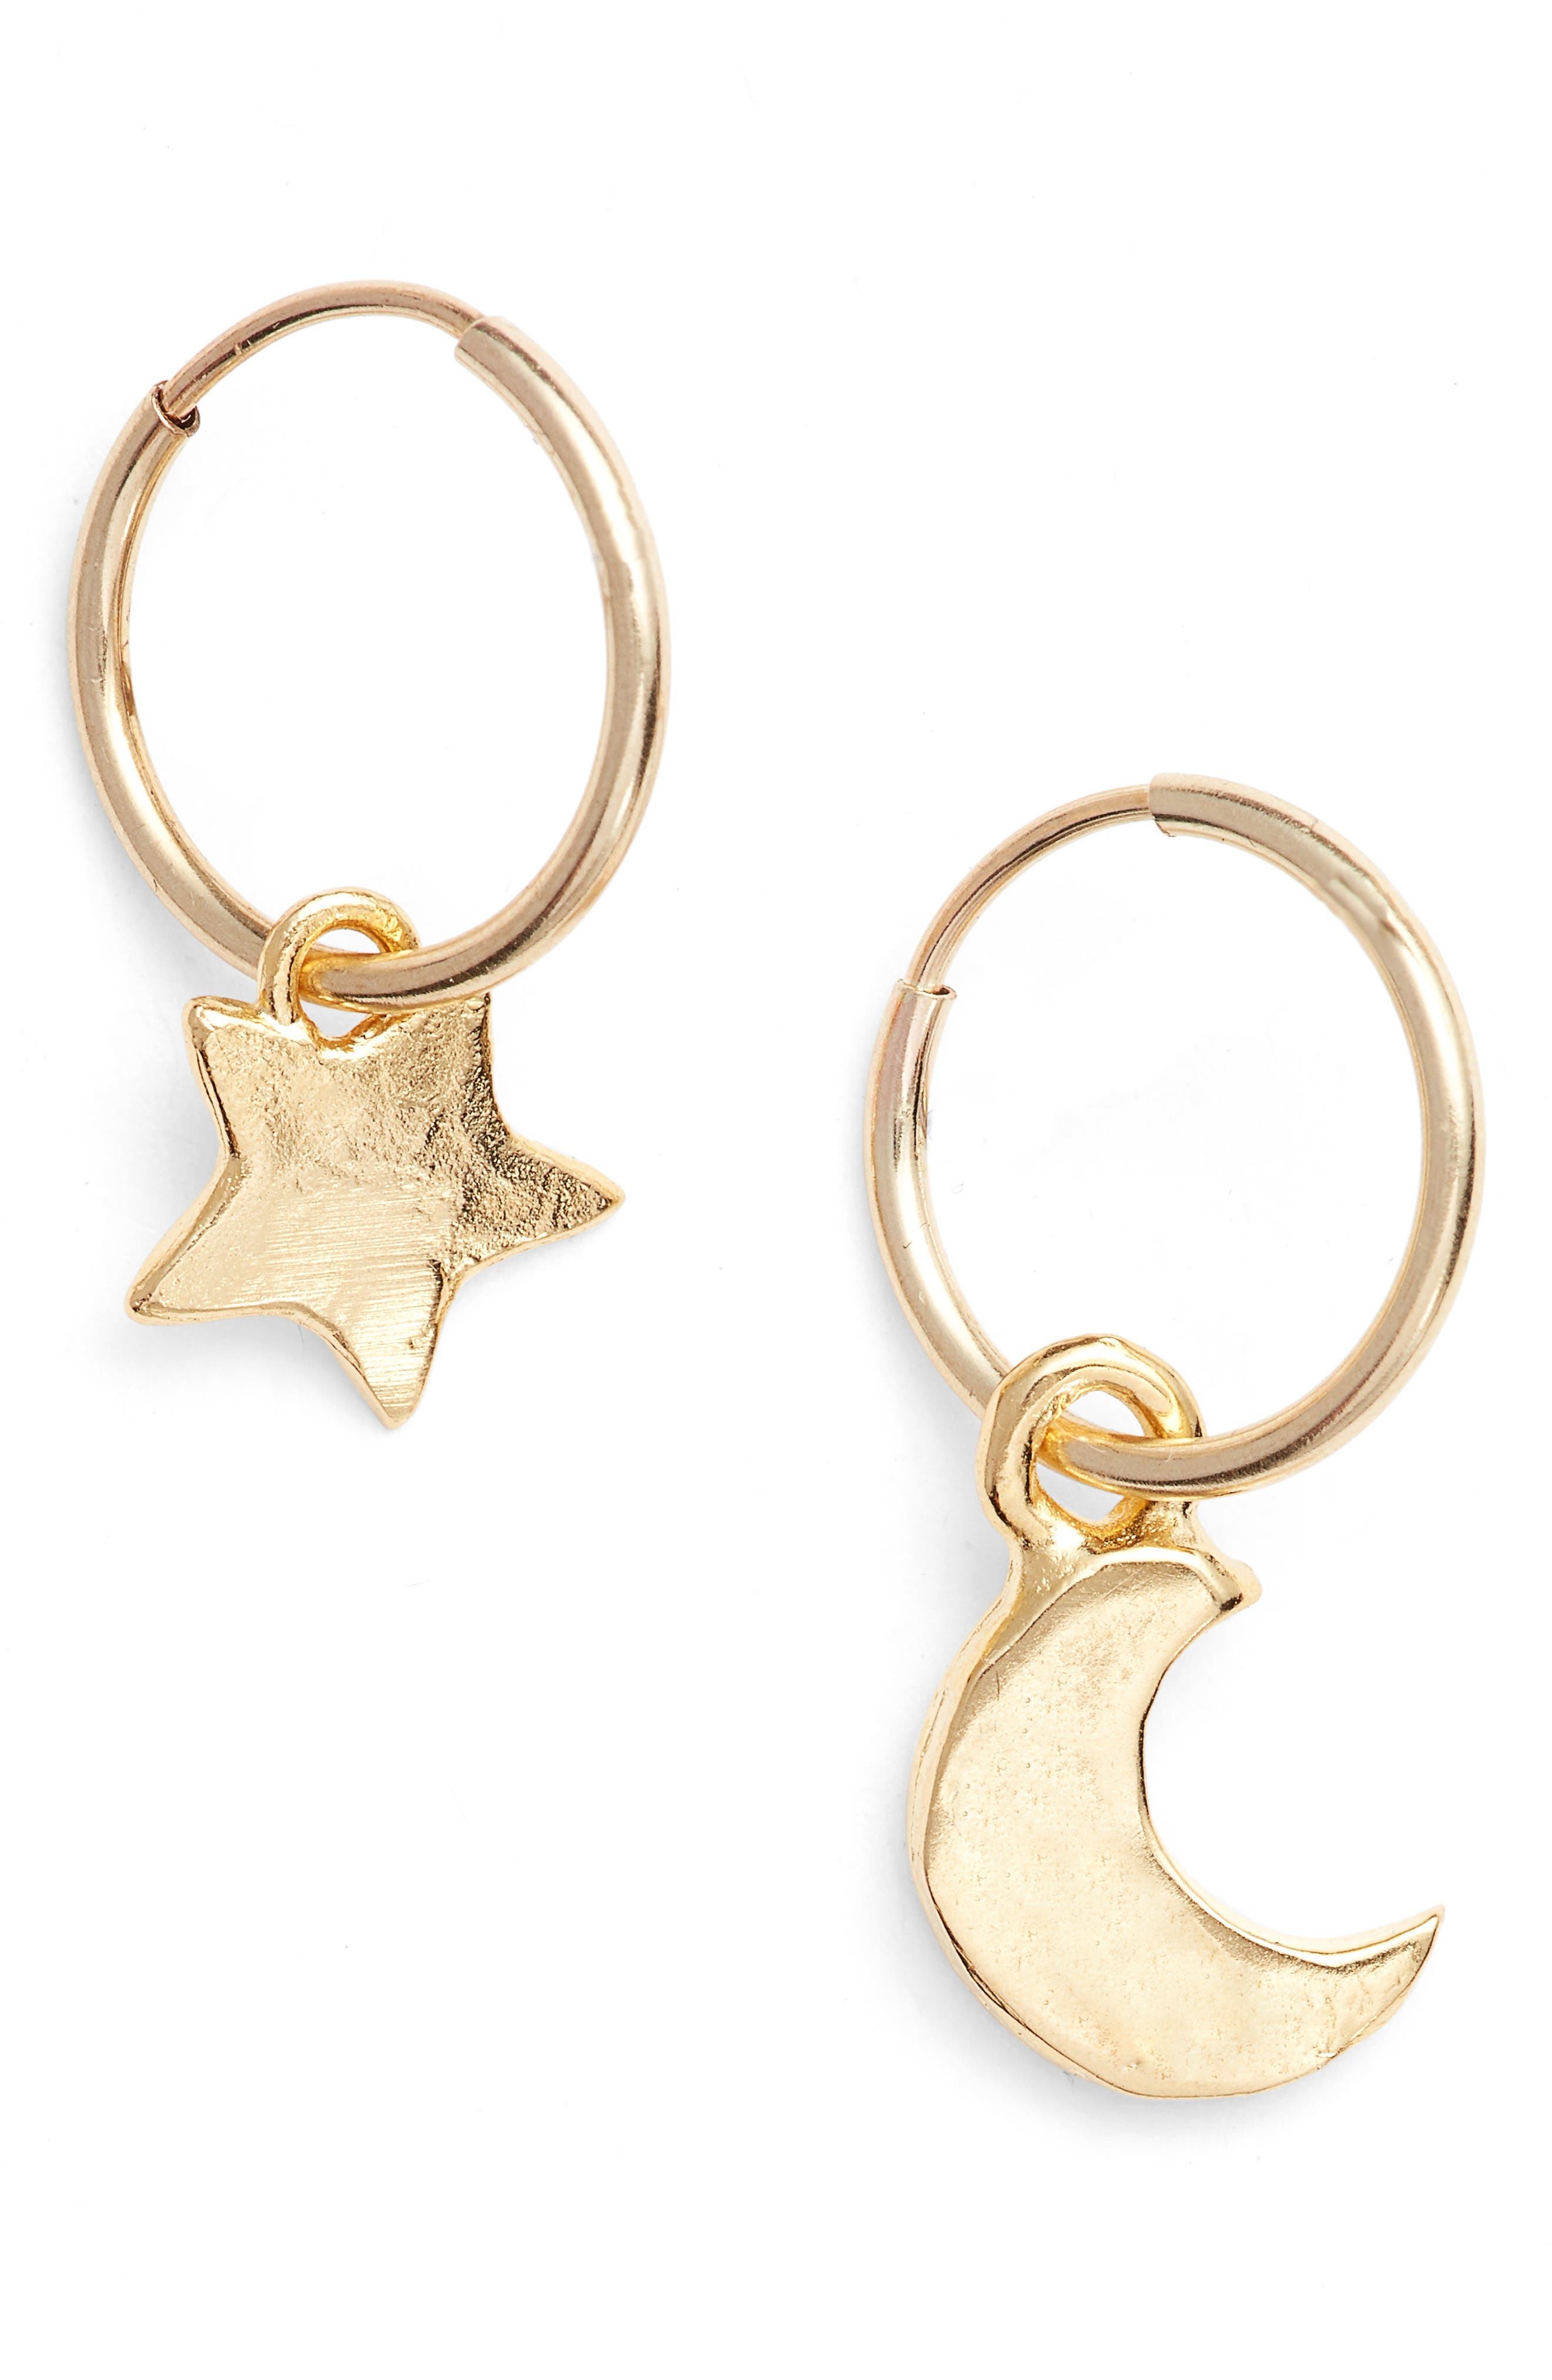 Main Image - Britt Bolton Moon & Star Drop Earrings